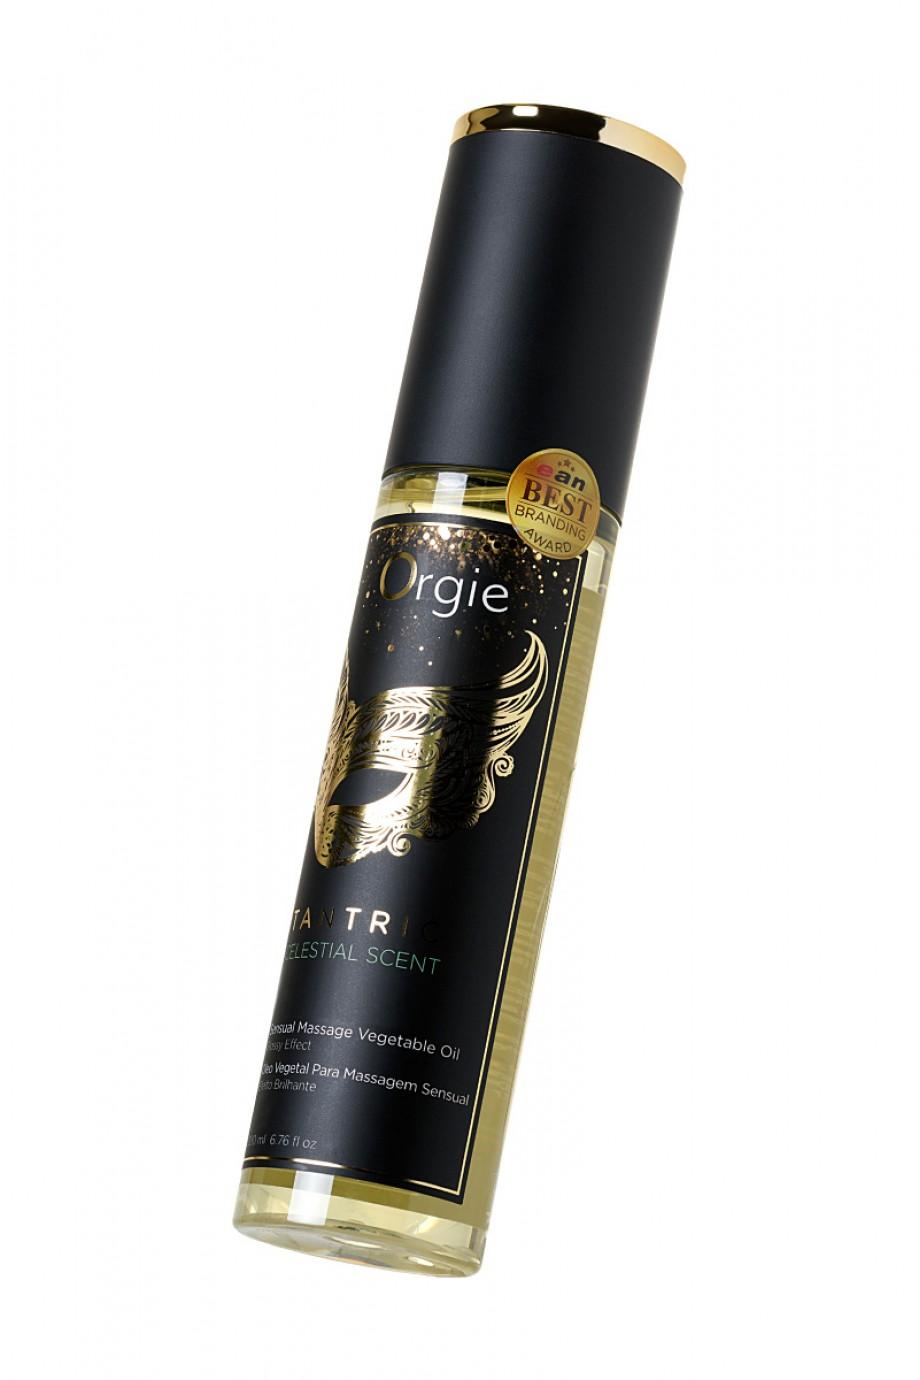 Растительное массажное масло Orgie Tantric celestial scent, 200 мл